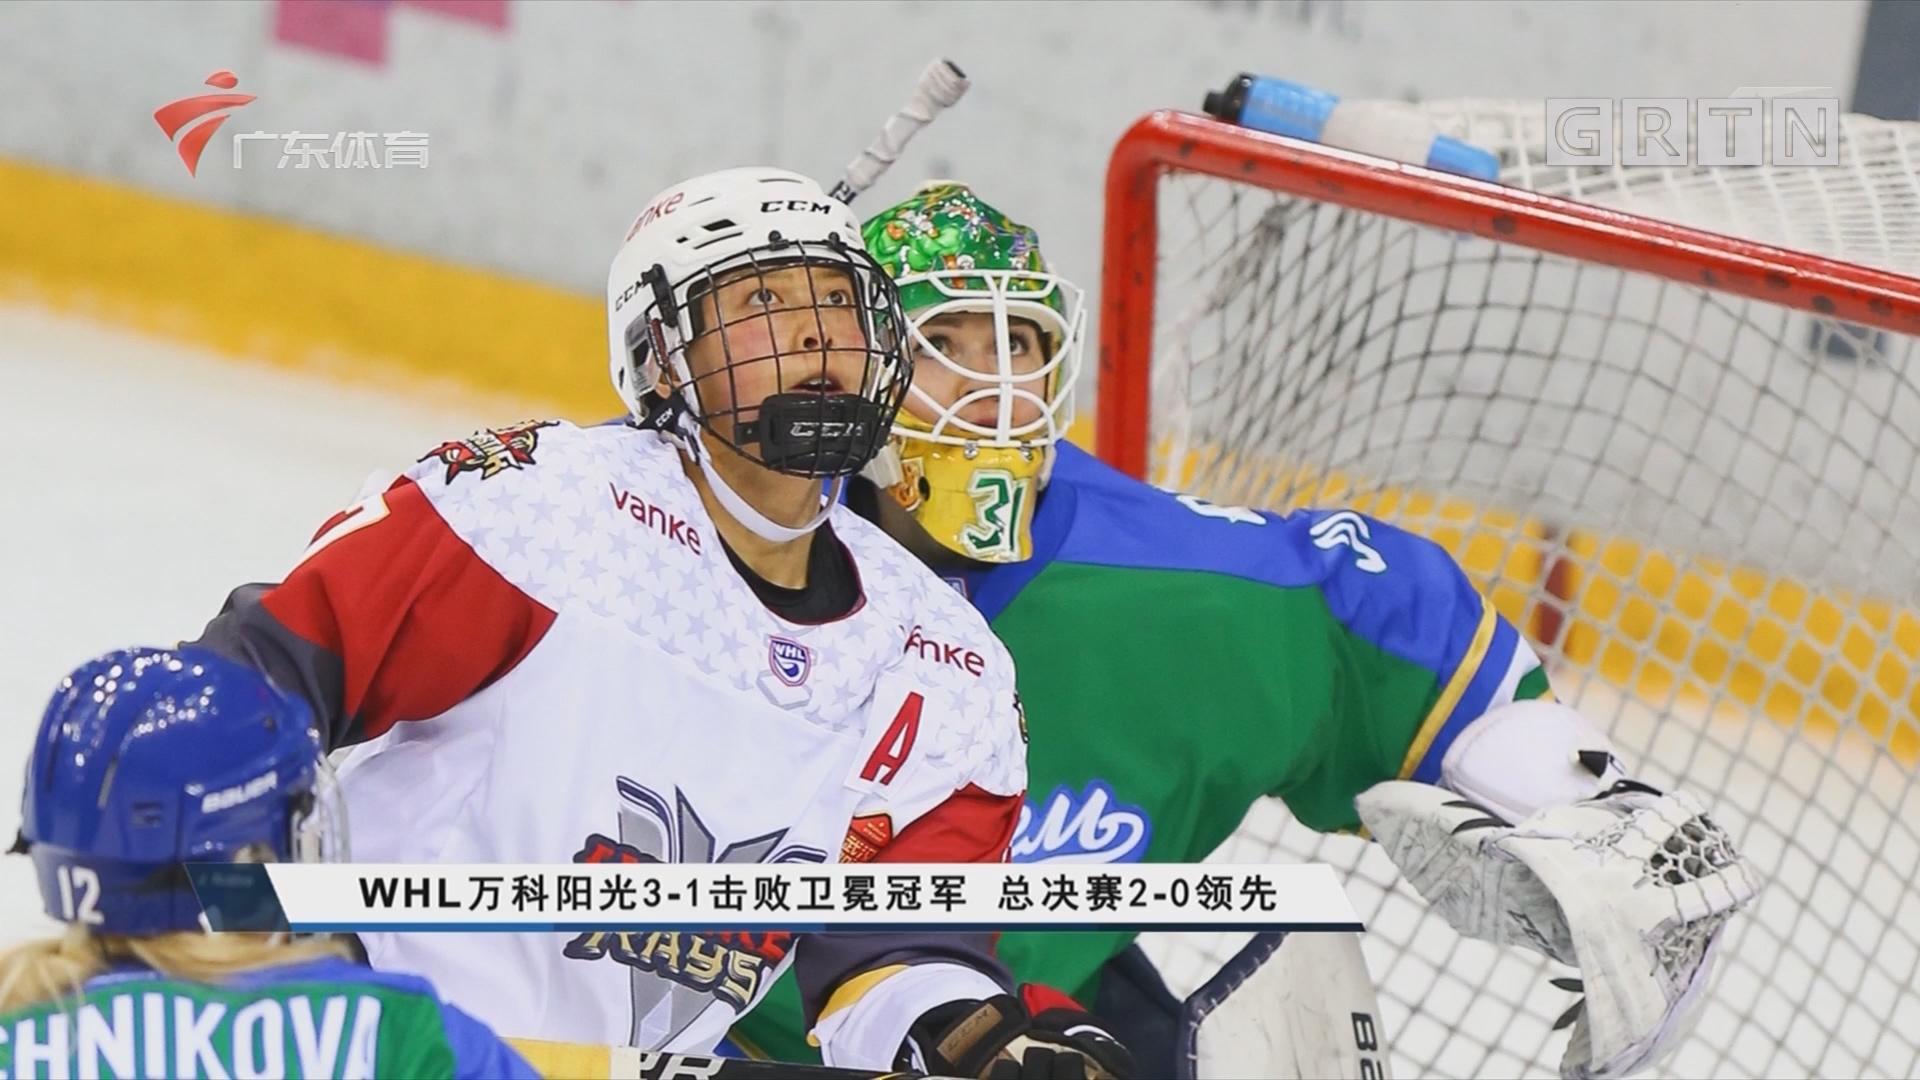 WHL 万科阳光3-1击败卫冕冠军 总决赛2-0领先